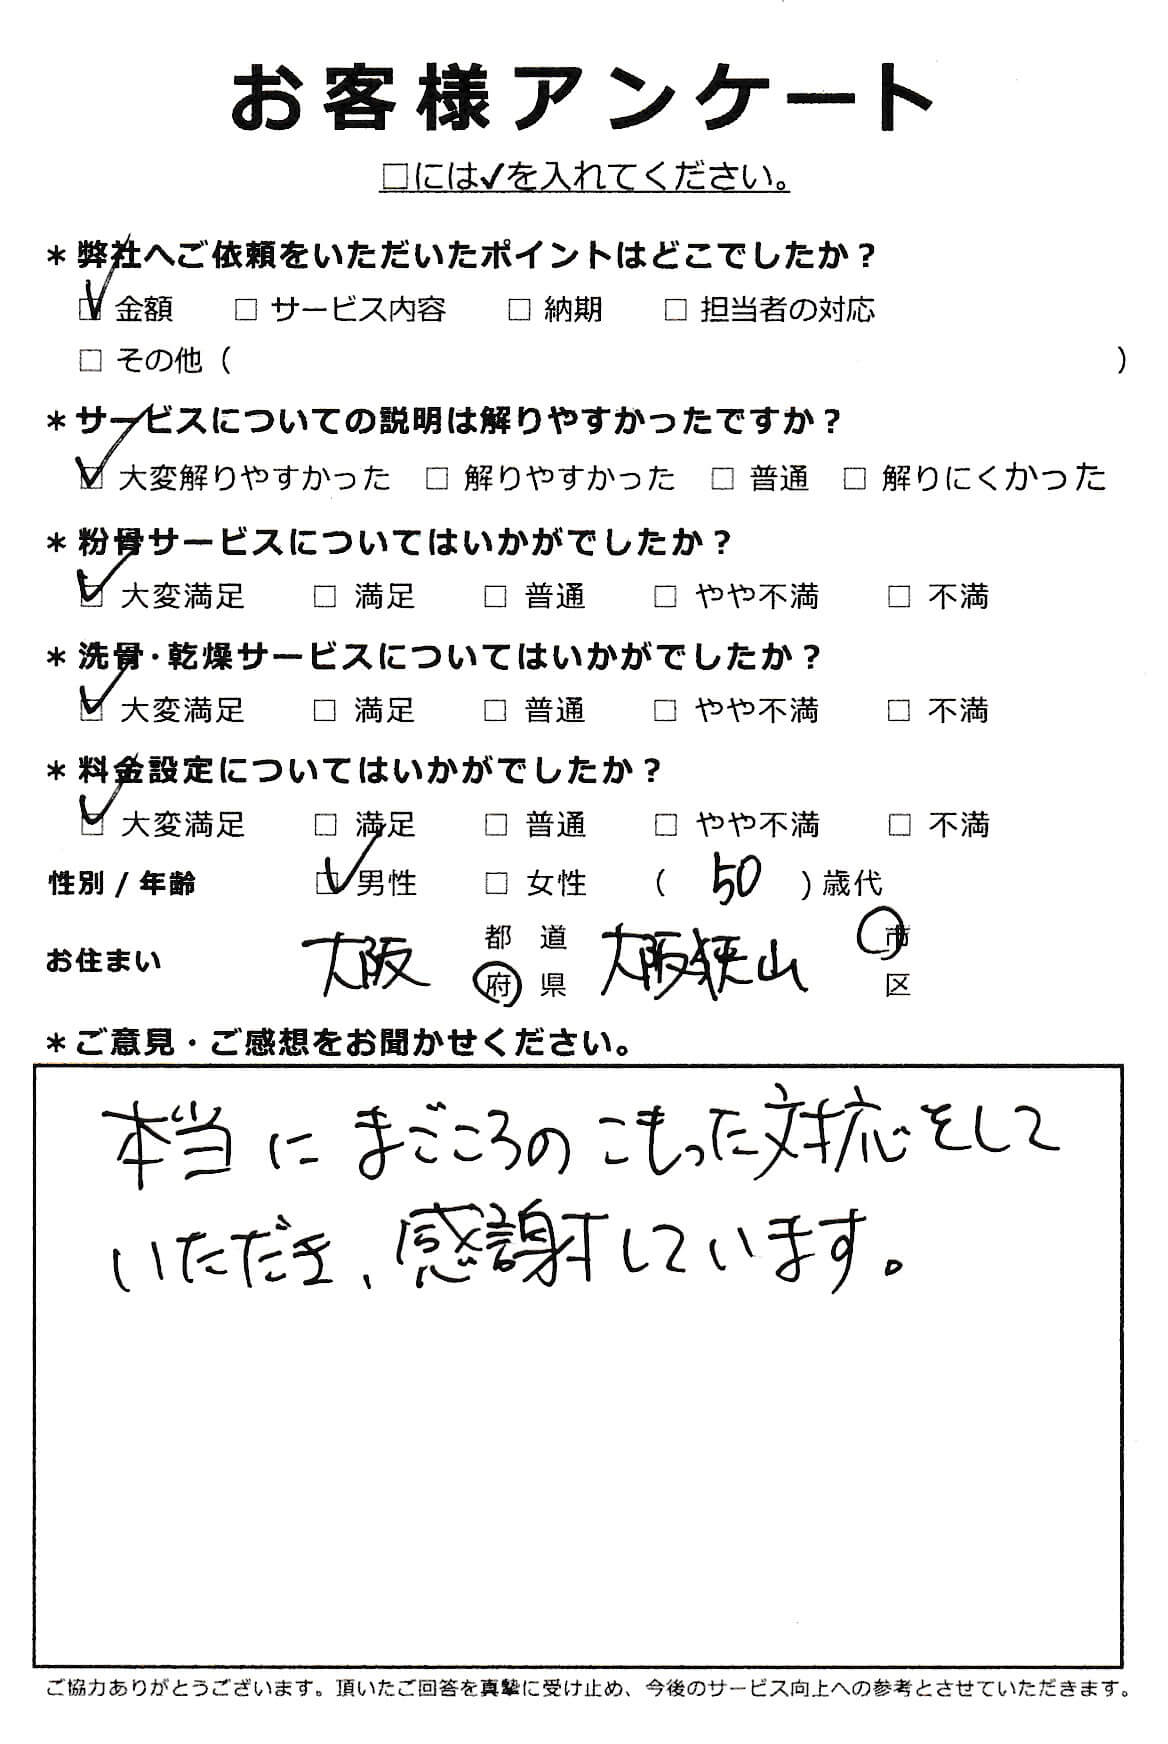 大阪狭山市での粉骨・洗骨サービス